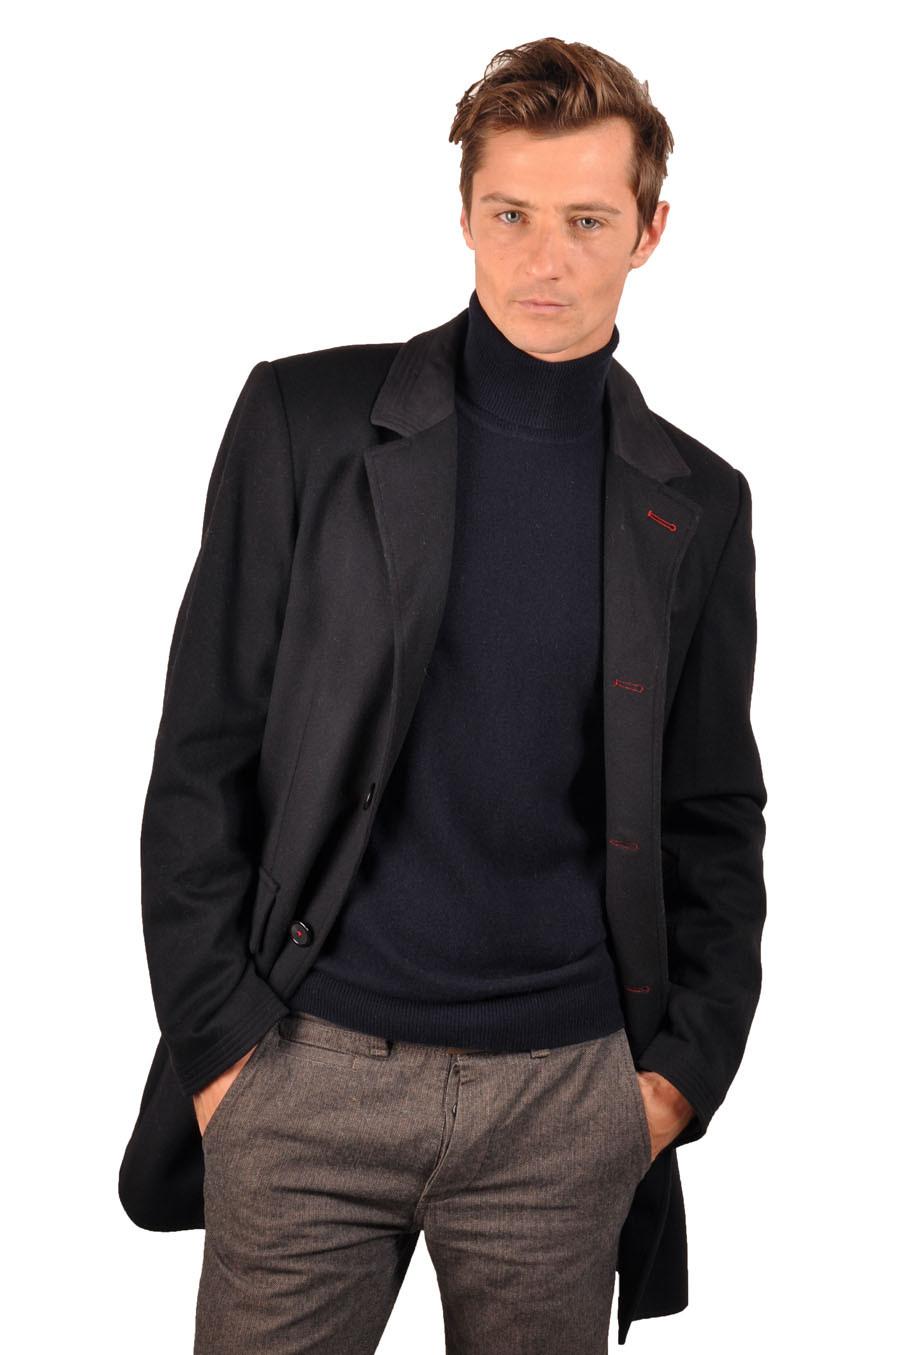 Manteau cachemire homme PRINCE noir devant